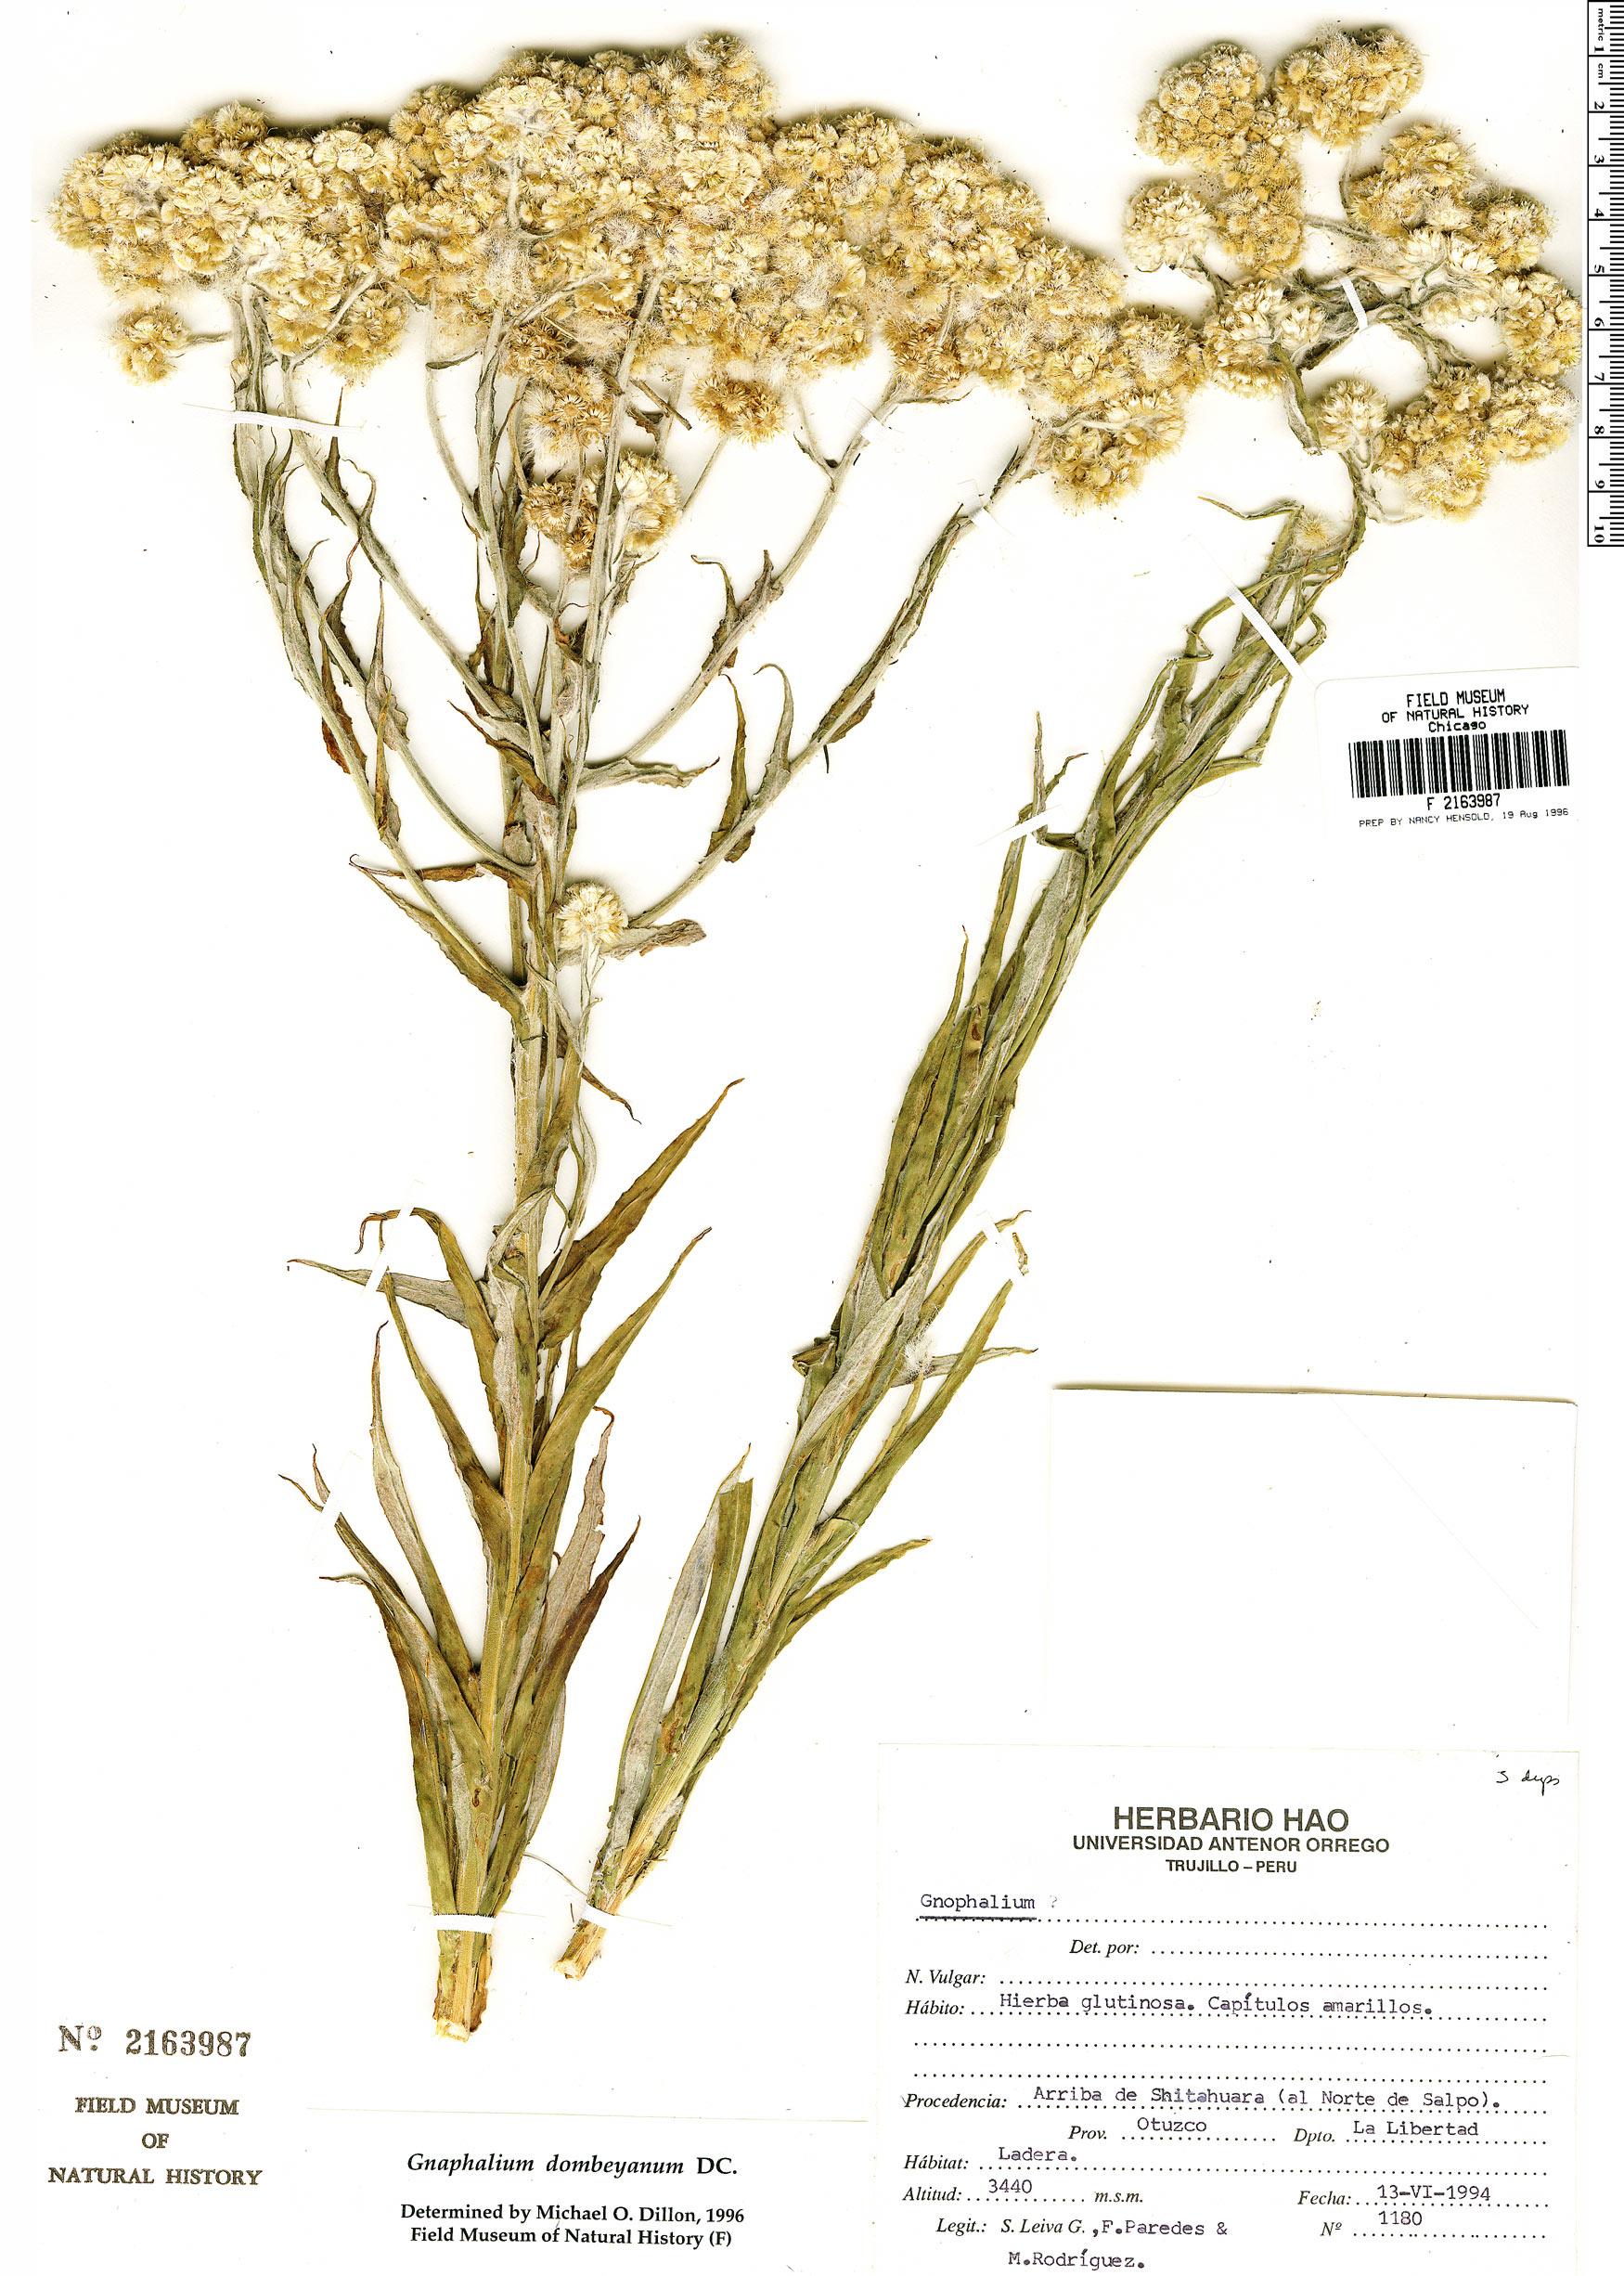 Specimen: Gnaphalium dombeyanum